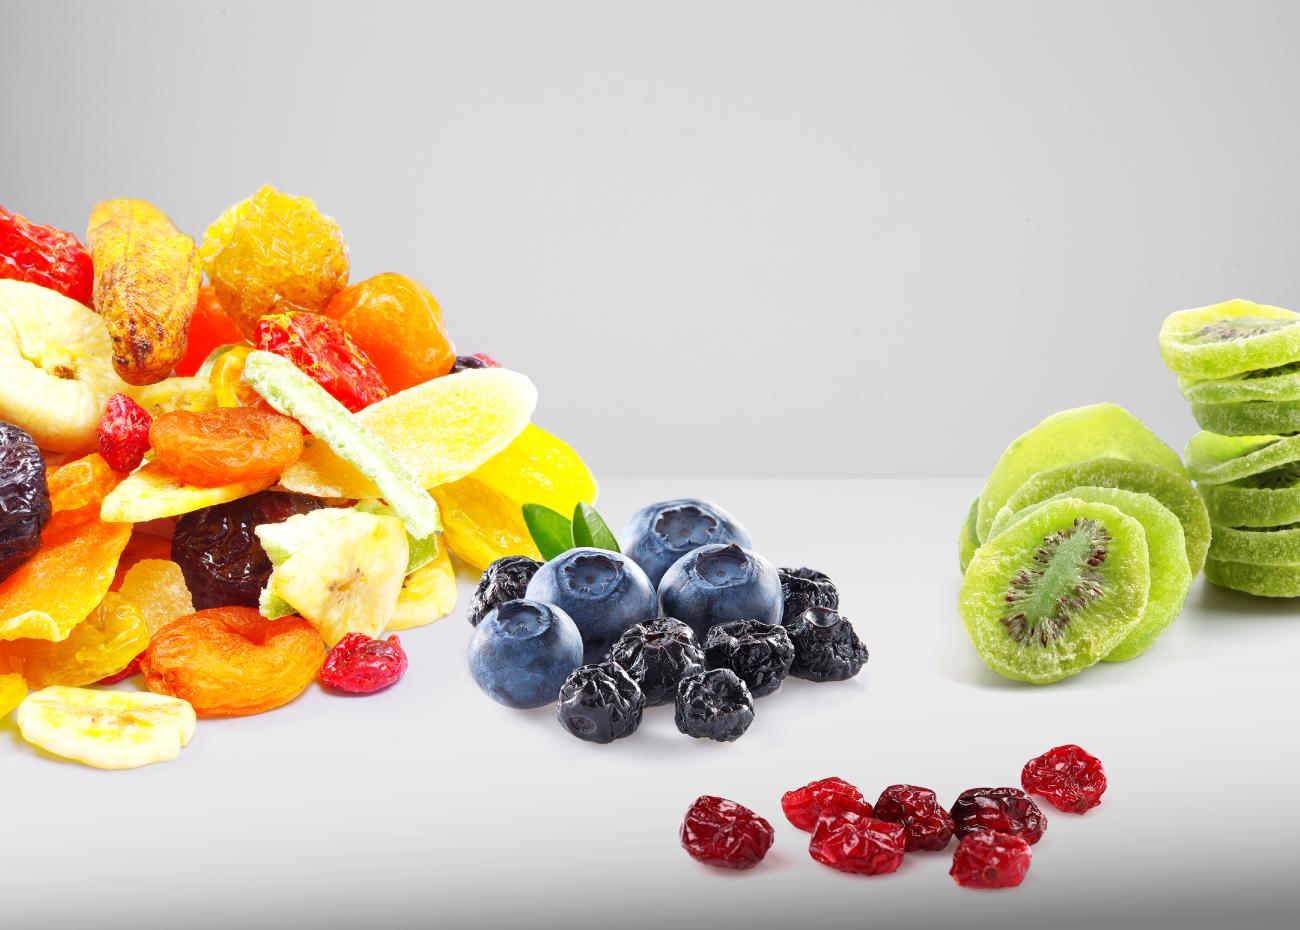 Frutas deshidratadas | Aperimax, frutos secos de calidad